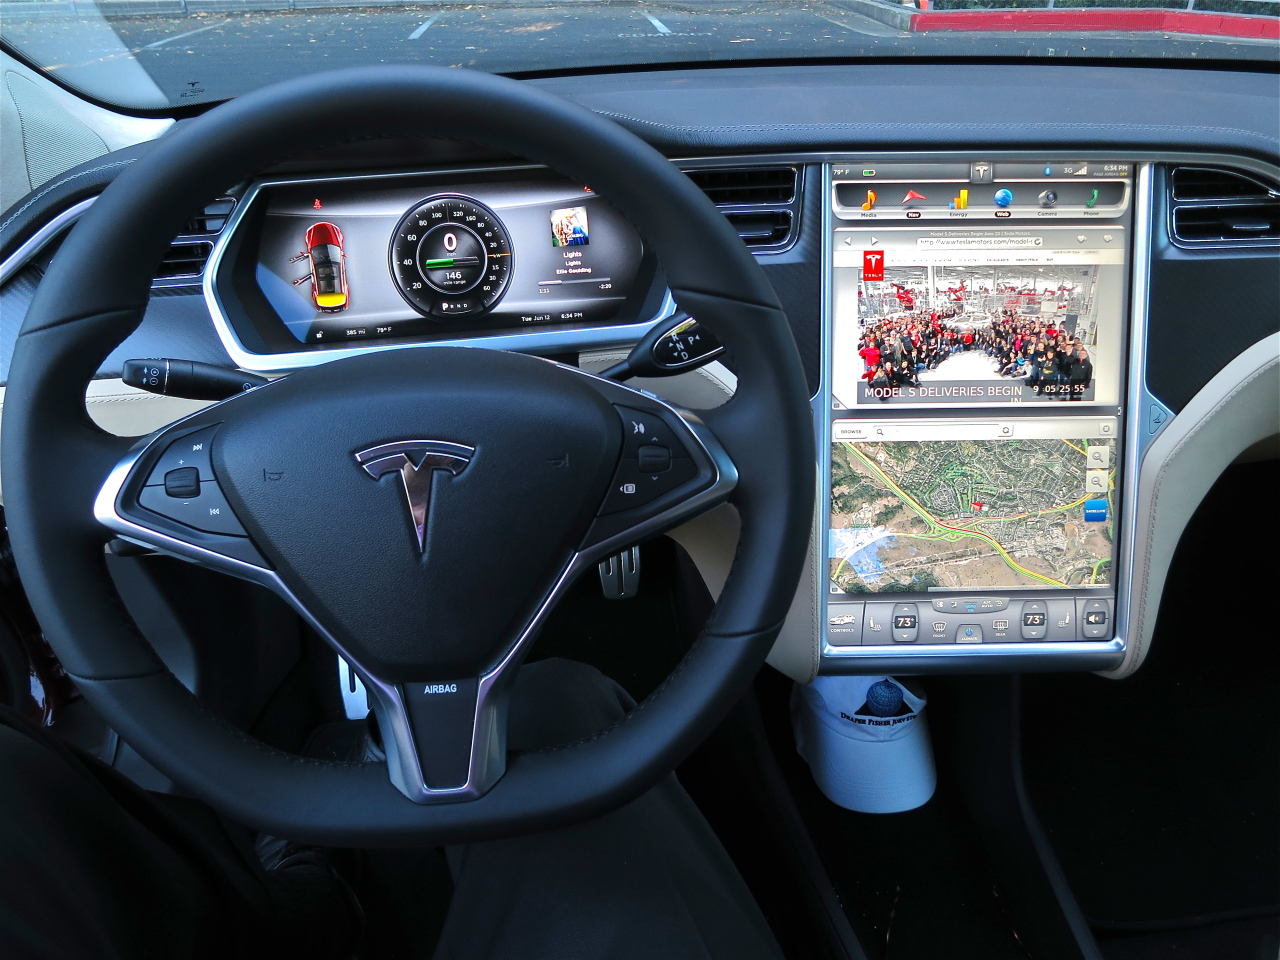 Хакеры смогли дистанционно управлять Tesla Model S